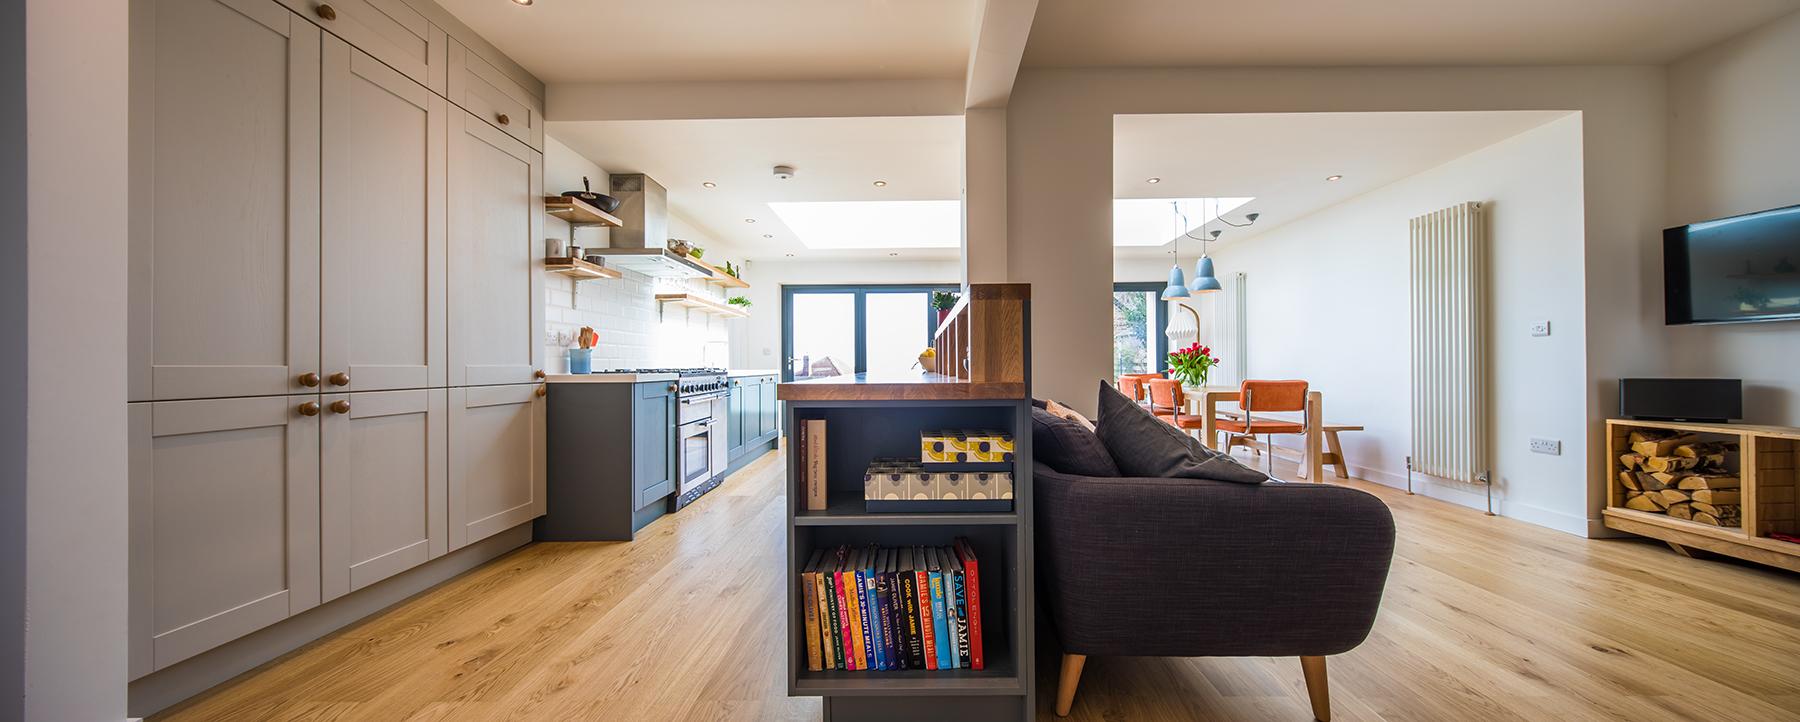 sheffield, sustainable, kitchen, interior photography, kitchen photography, yorkshire, south yorkshire, sustainable build,